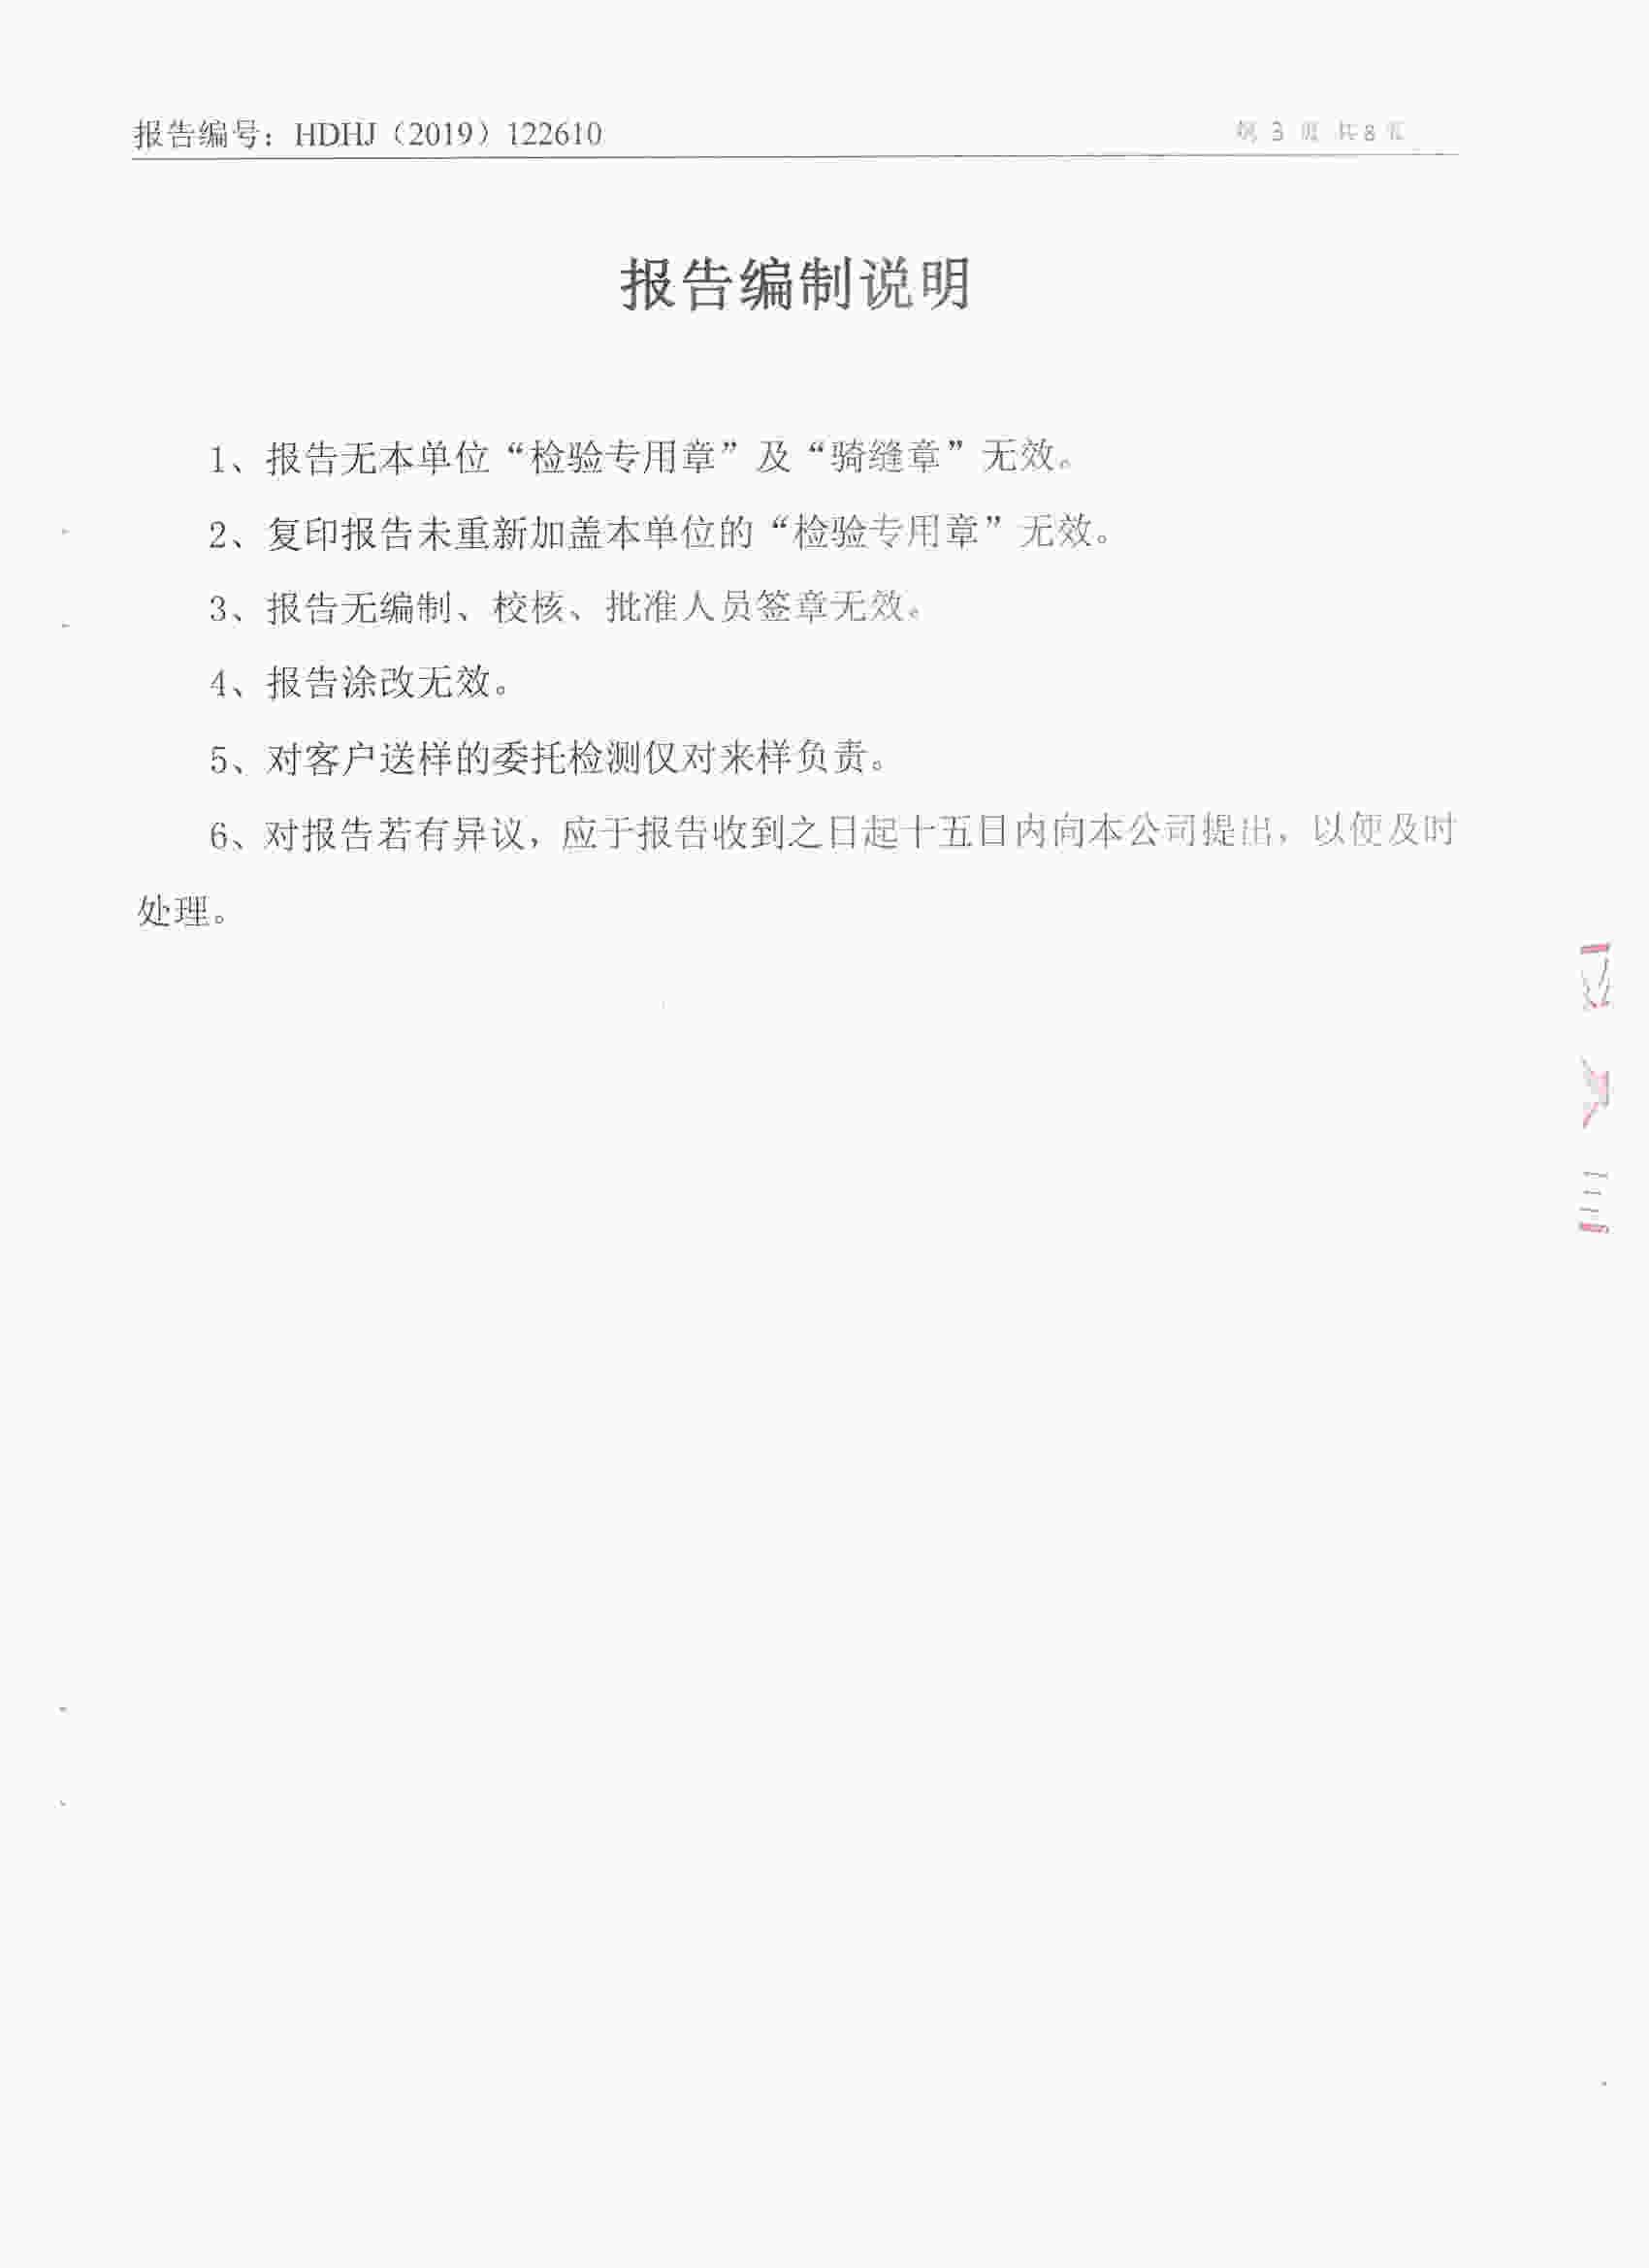 图像 (3).jpg